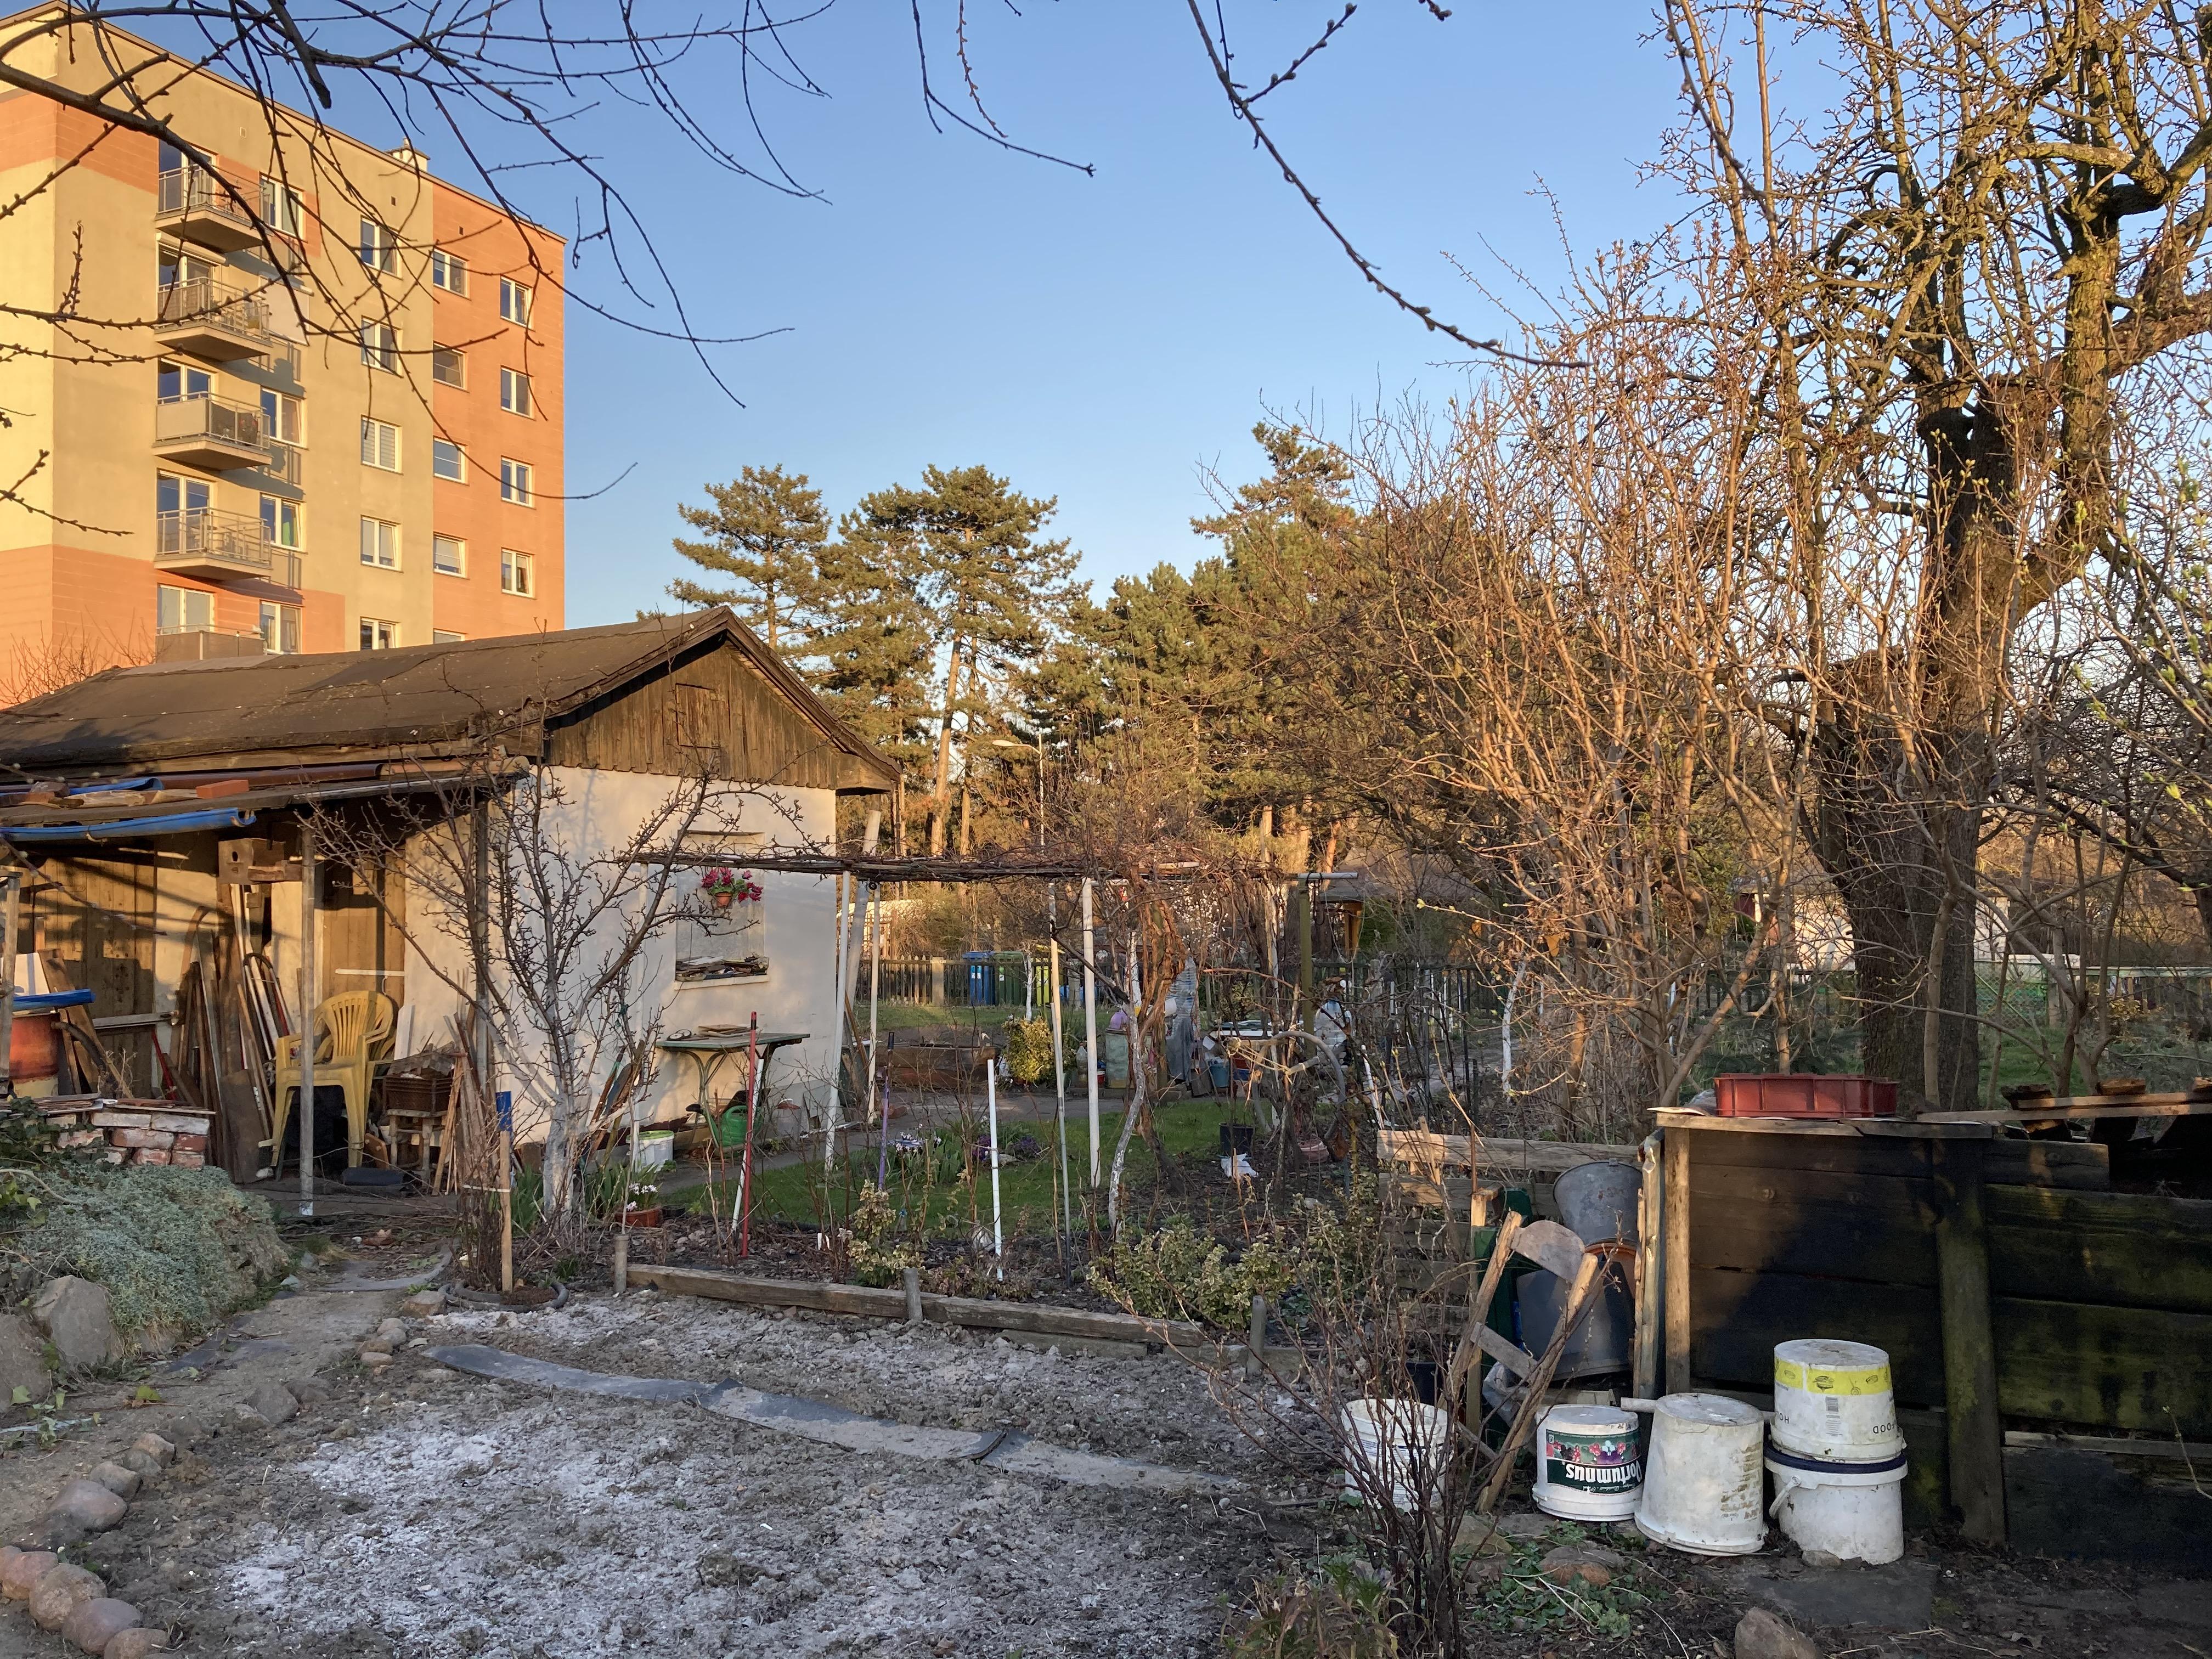 Rachunek za prąd w wysokości 17 tys. zł zaskoczył emerytów